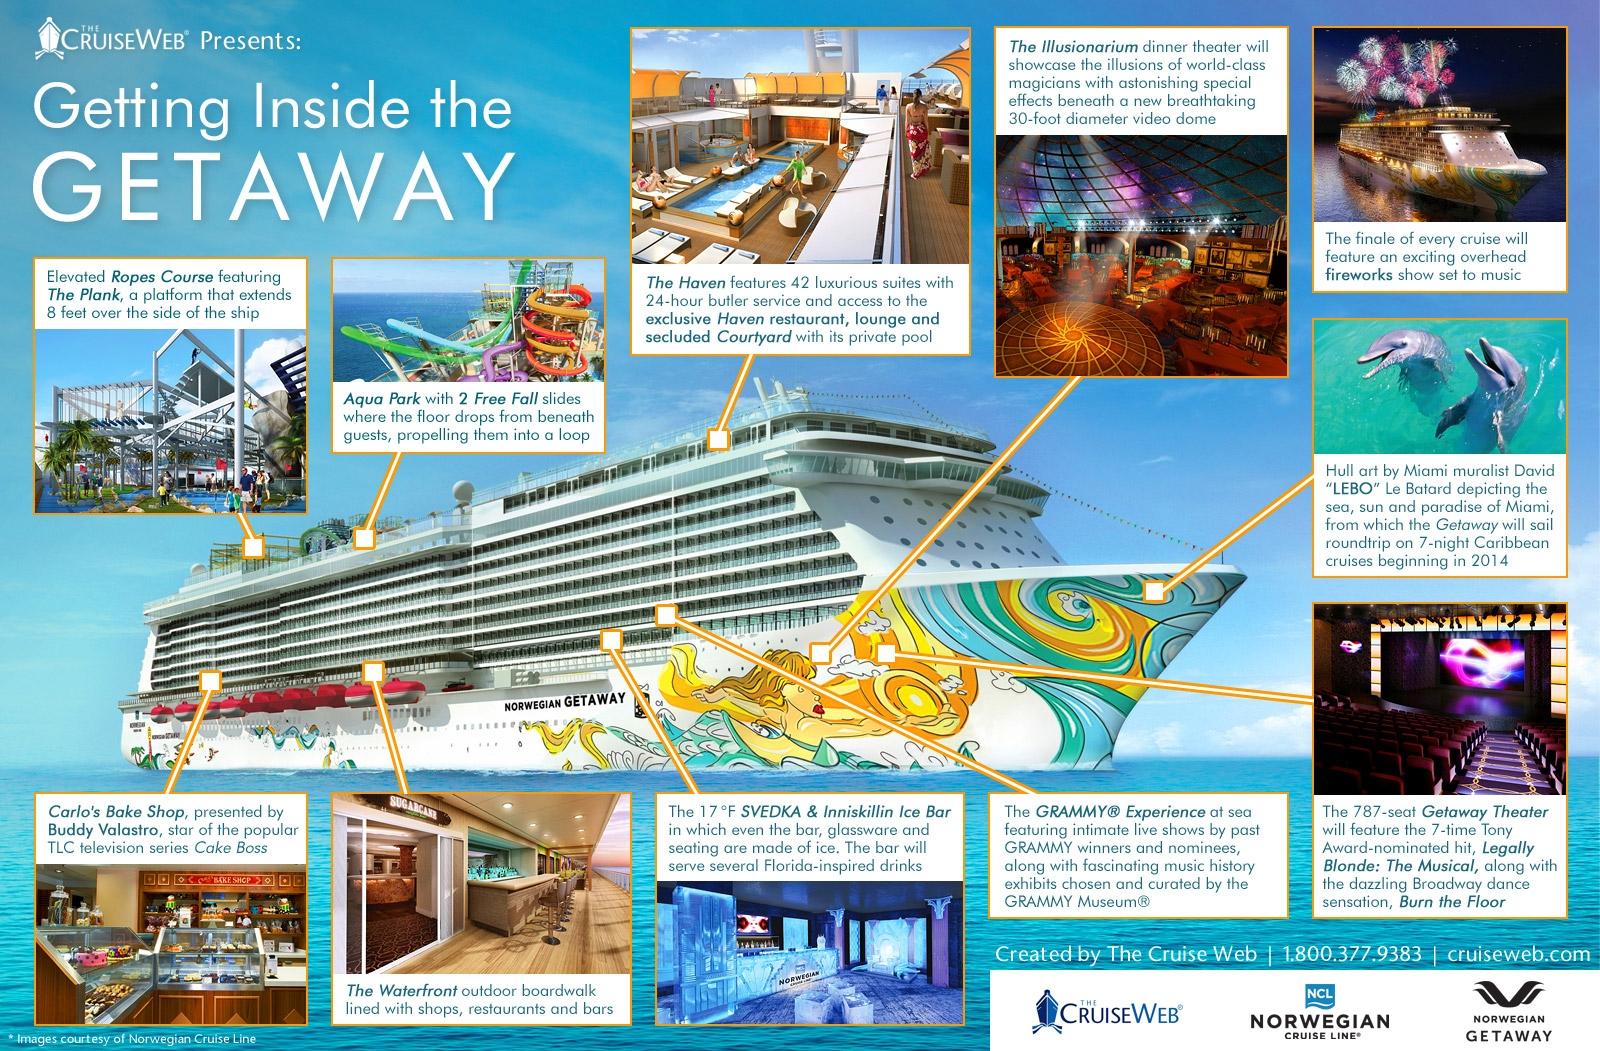 cw-infographic-norwegian-getaway.jpg